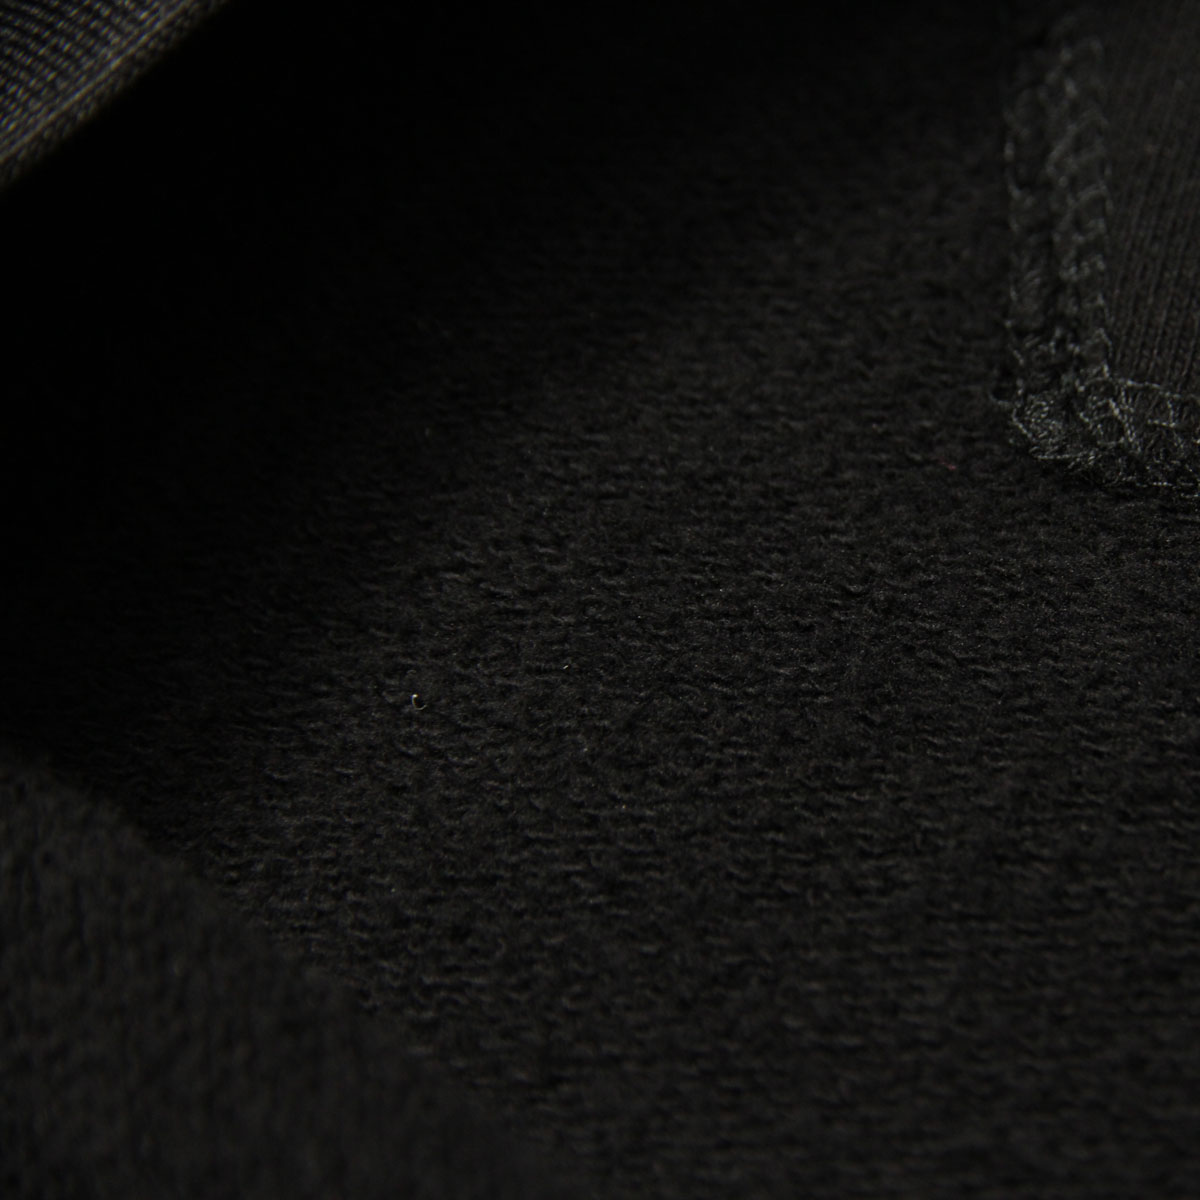 スコッチアンドソーダ SCOTCH&SODA 正規販売店 メンズ 無地 スウェット CLUB NOMADE CLASSIC CREW NECK SWEAT 141276 90 53803 BLACK D A39B B1C C1D D5E E13F